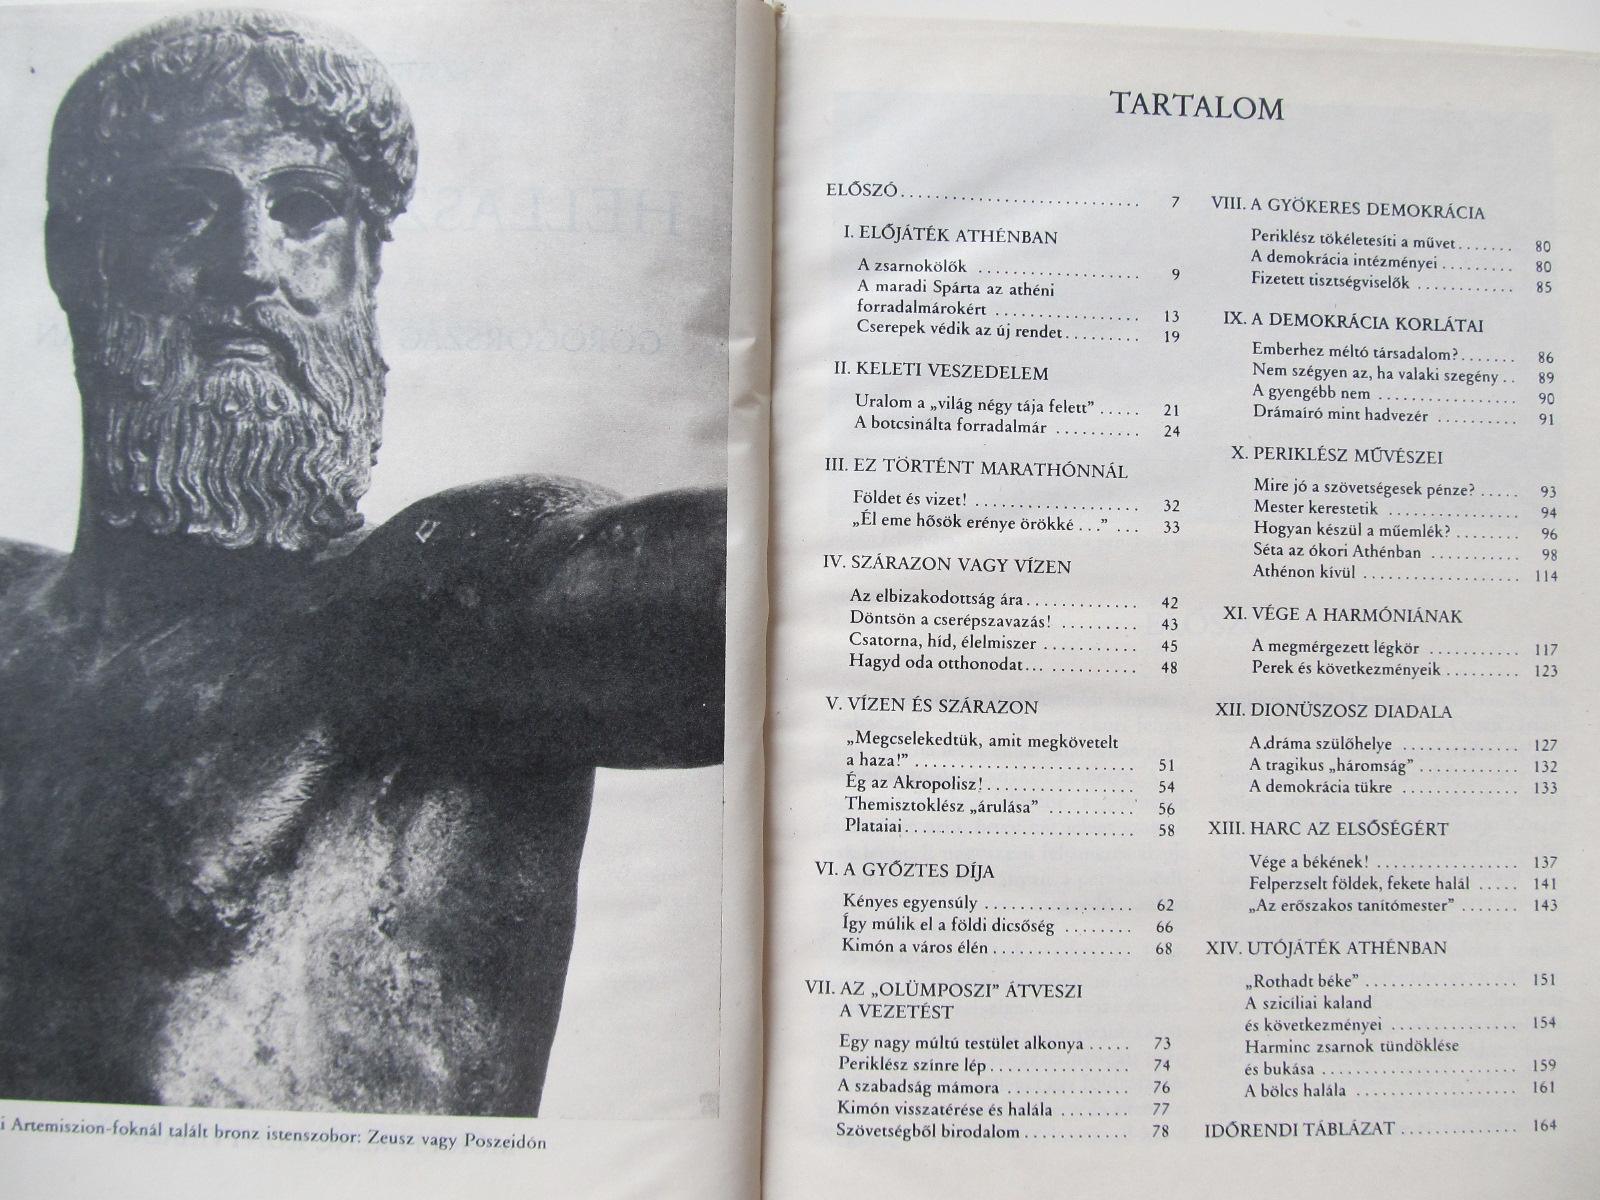 Carte Hellasz fenykora - Gorogorsag az I. E. V. szazadban - Szabo Miklos